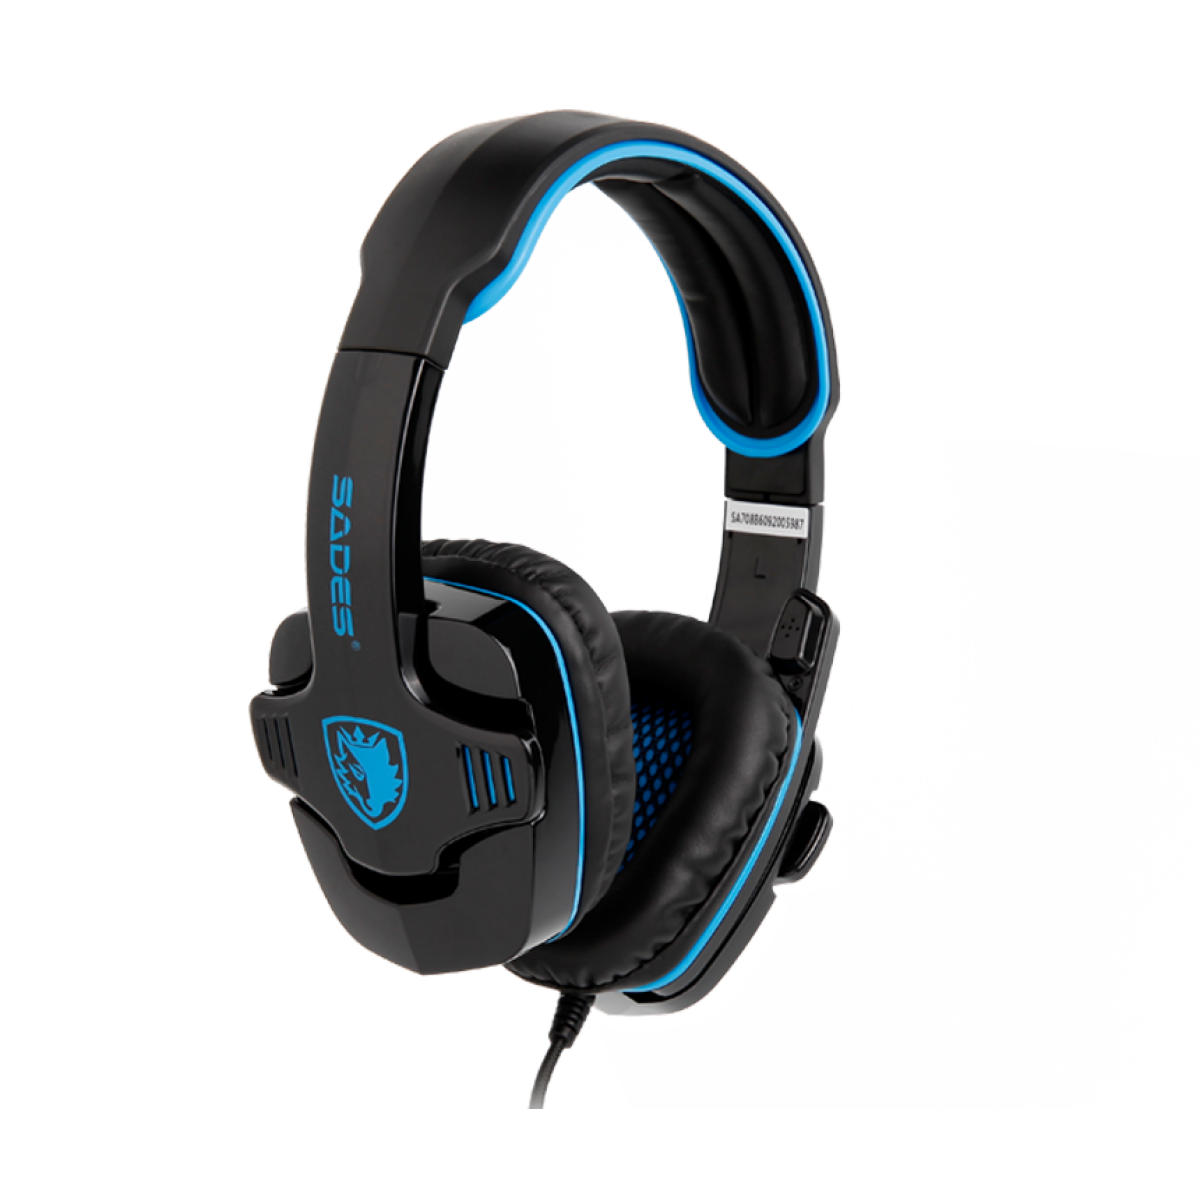 Headset Gamer Sades Sa-708 Gpower, Stereo, Black/Blue, SA-708